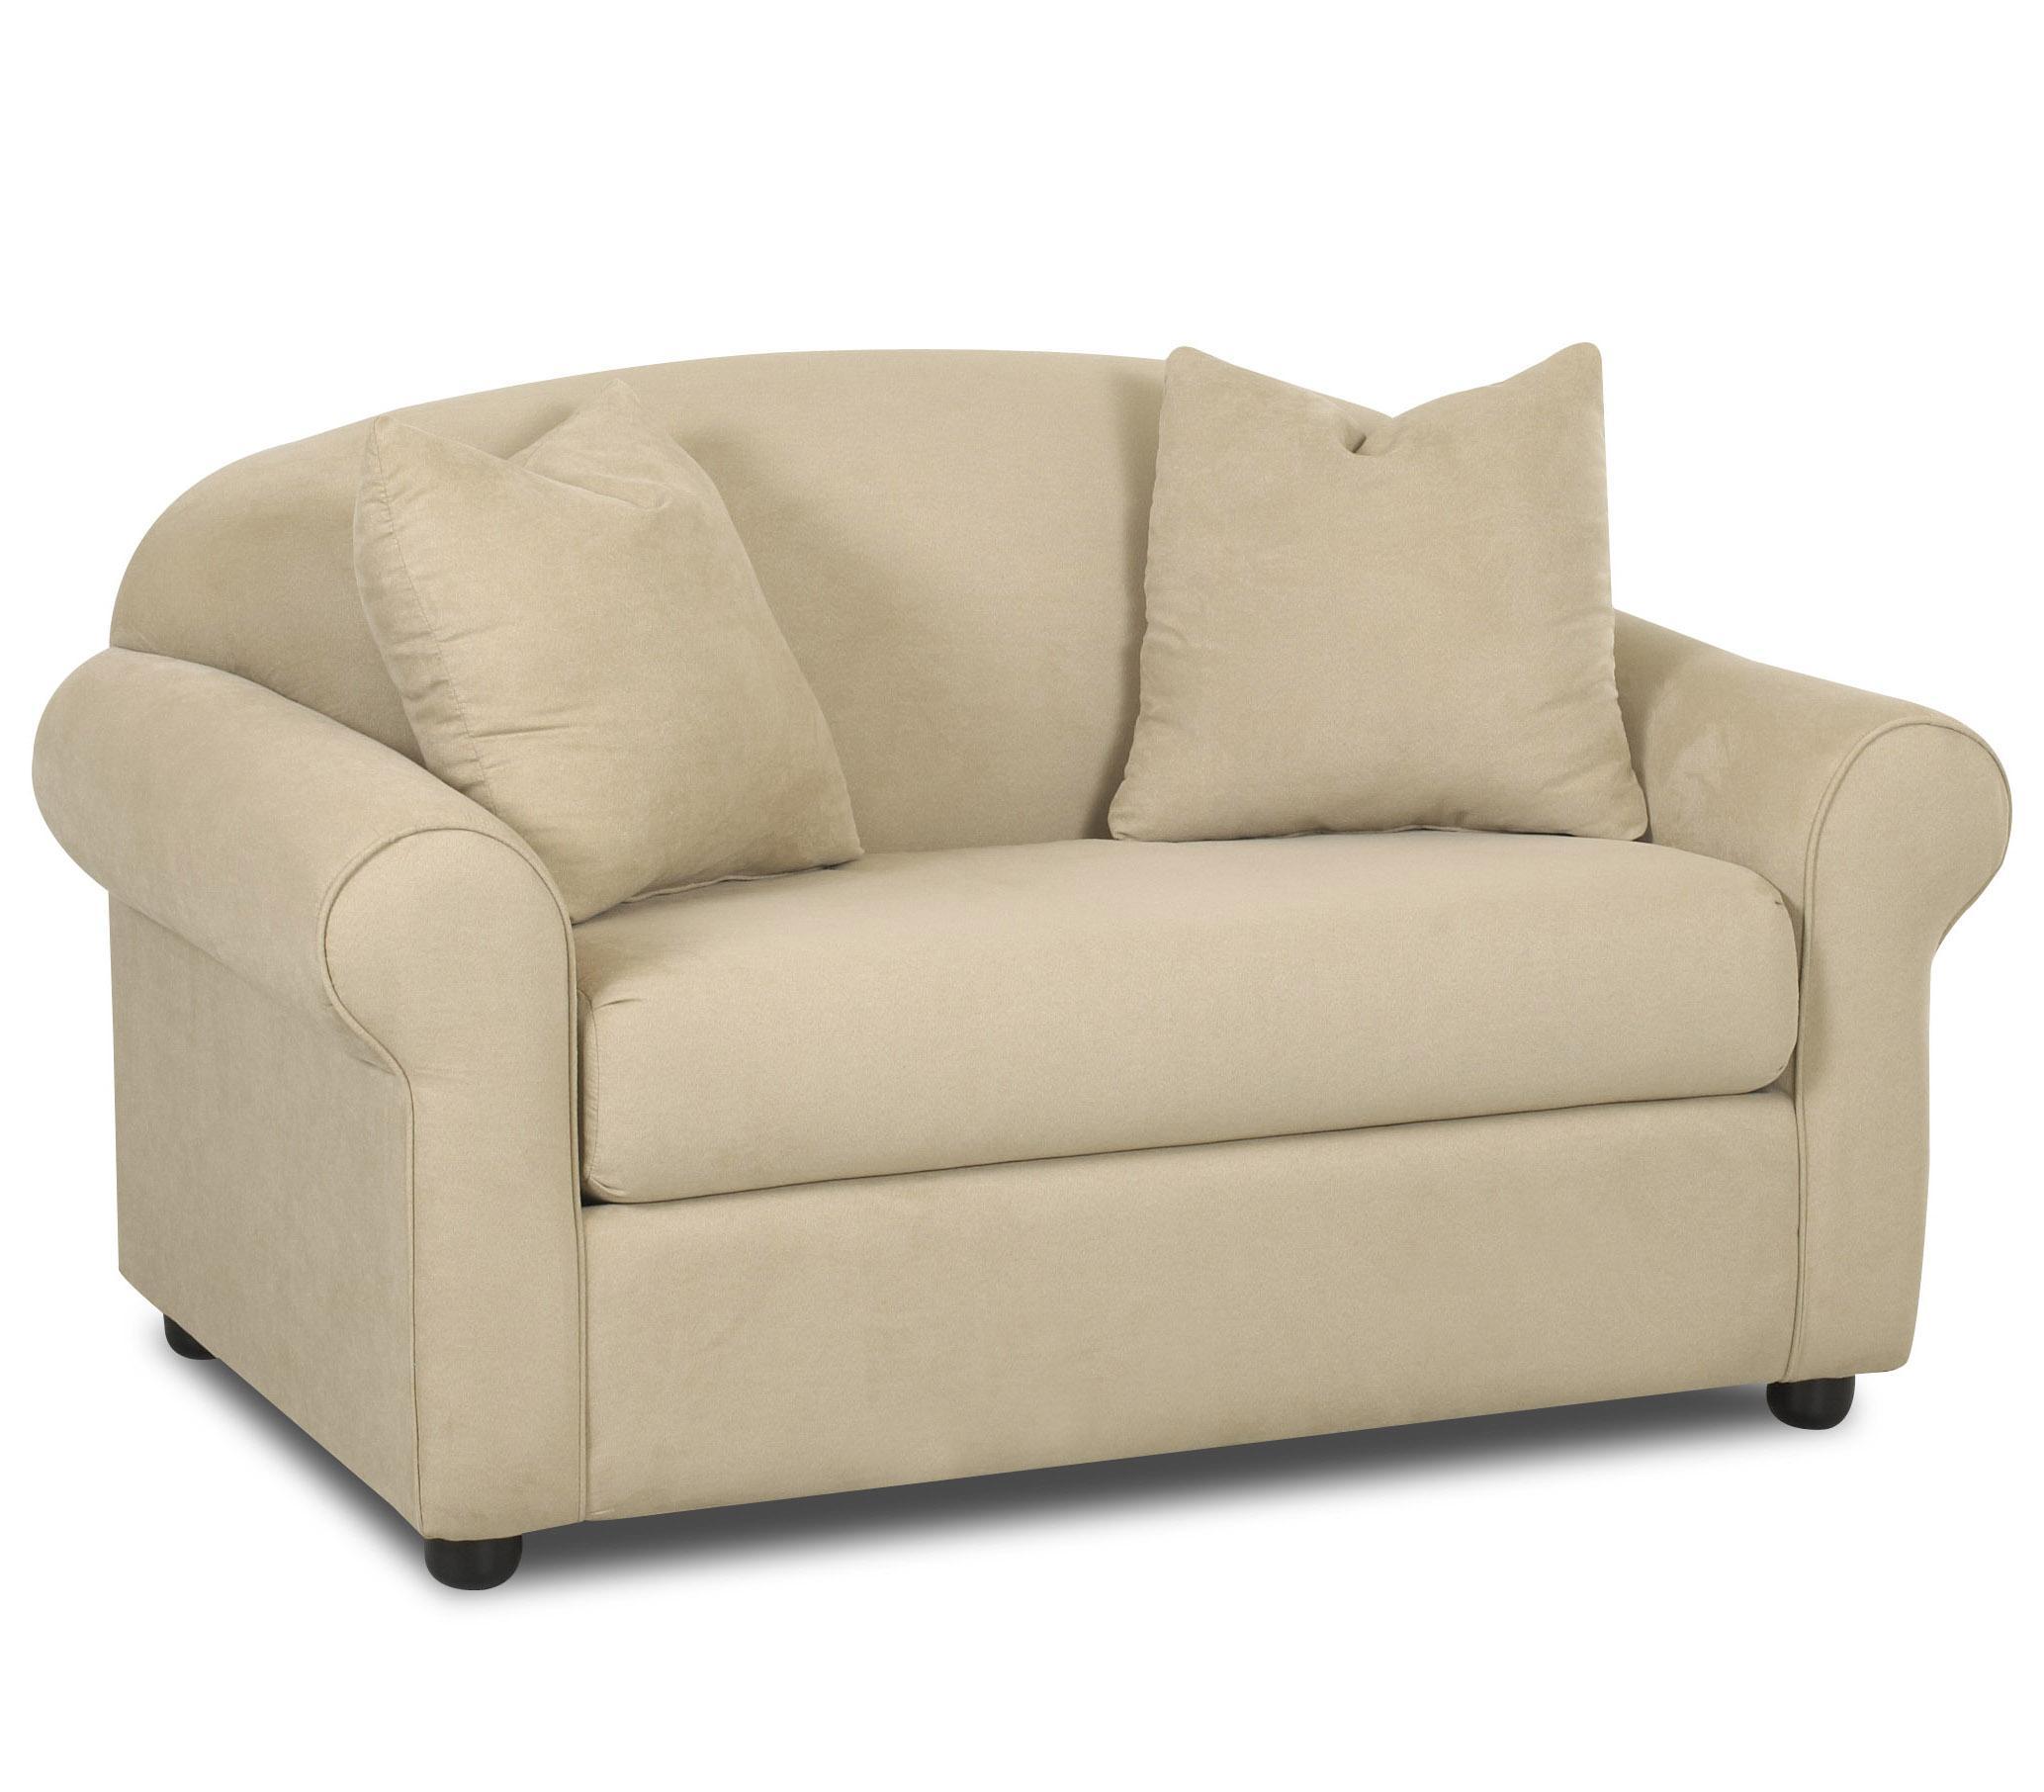 Klaussner Possibilities Innerspring Chair Sleeper